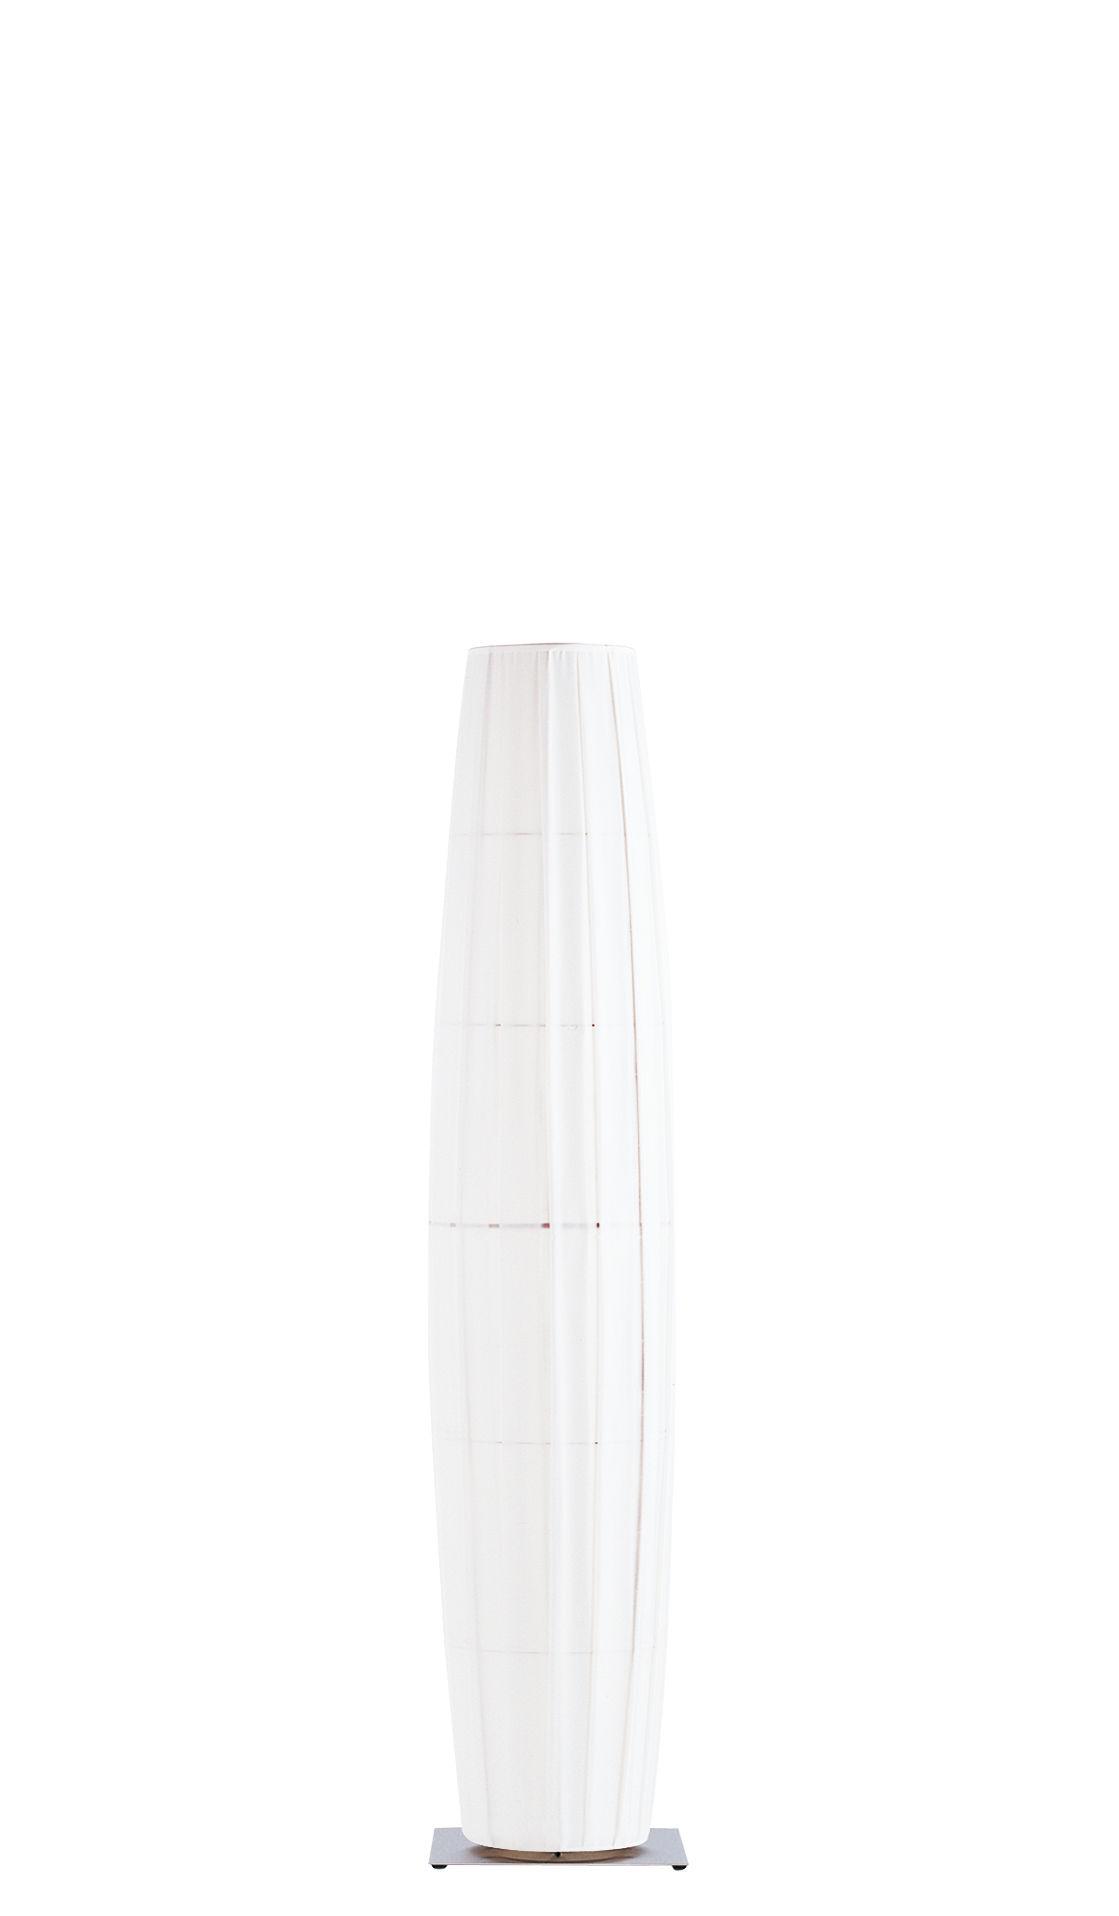 Illuminazione - Lampade da terra - Lampada a stelo Colonne - H 190 cm - LED tricromatico di Dix Heures Dix - Tessuto bianco / Illuminazione multicolore - Base in acciaio inox - Acciaio satinato, Tessuto poliestere